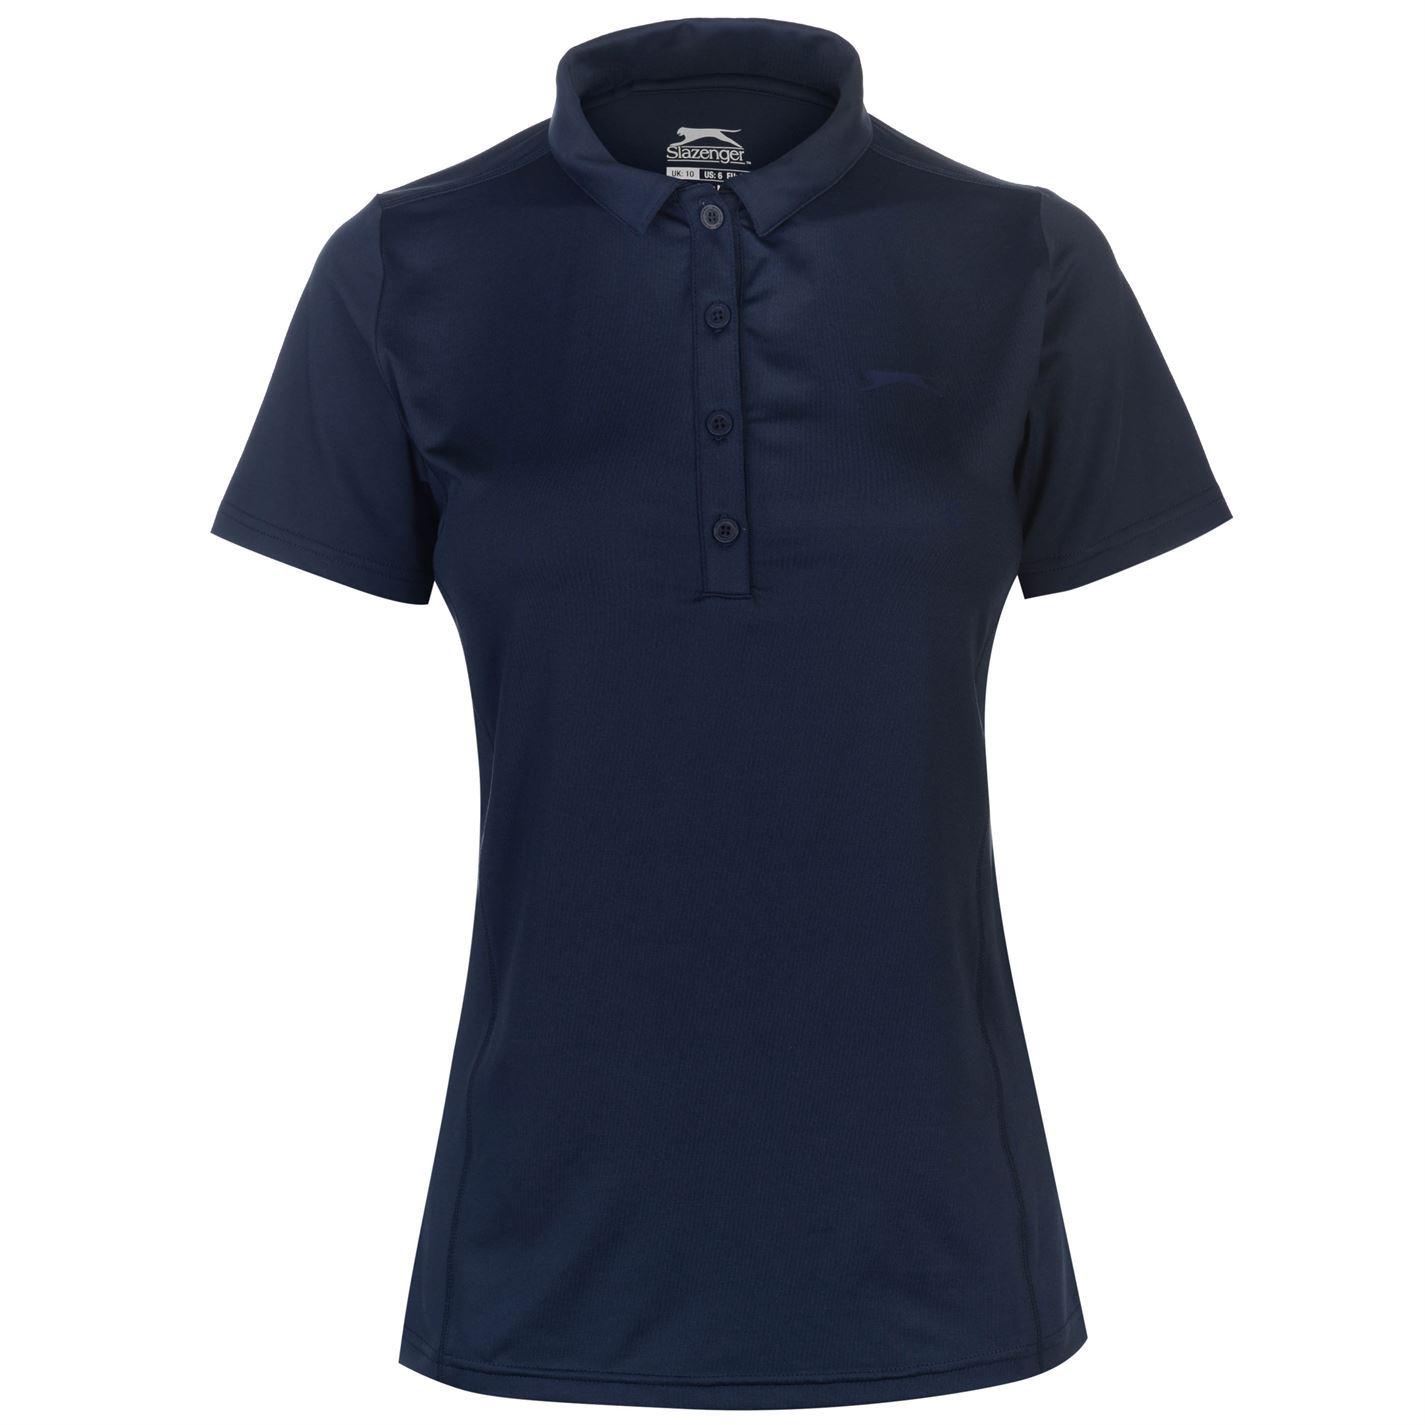 Slazenger-Plain-Golf-Polo-Shirt-Womens-T-Shirt-Top-Tee-Activewear miniature 4